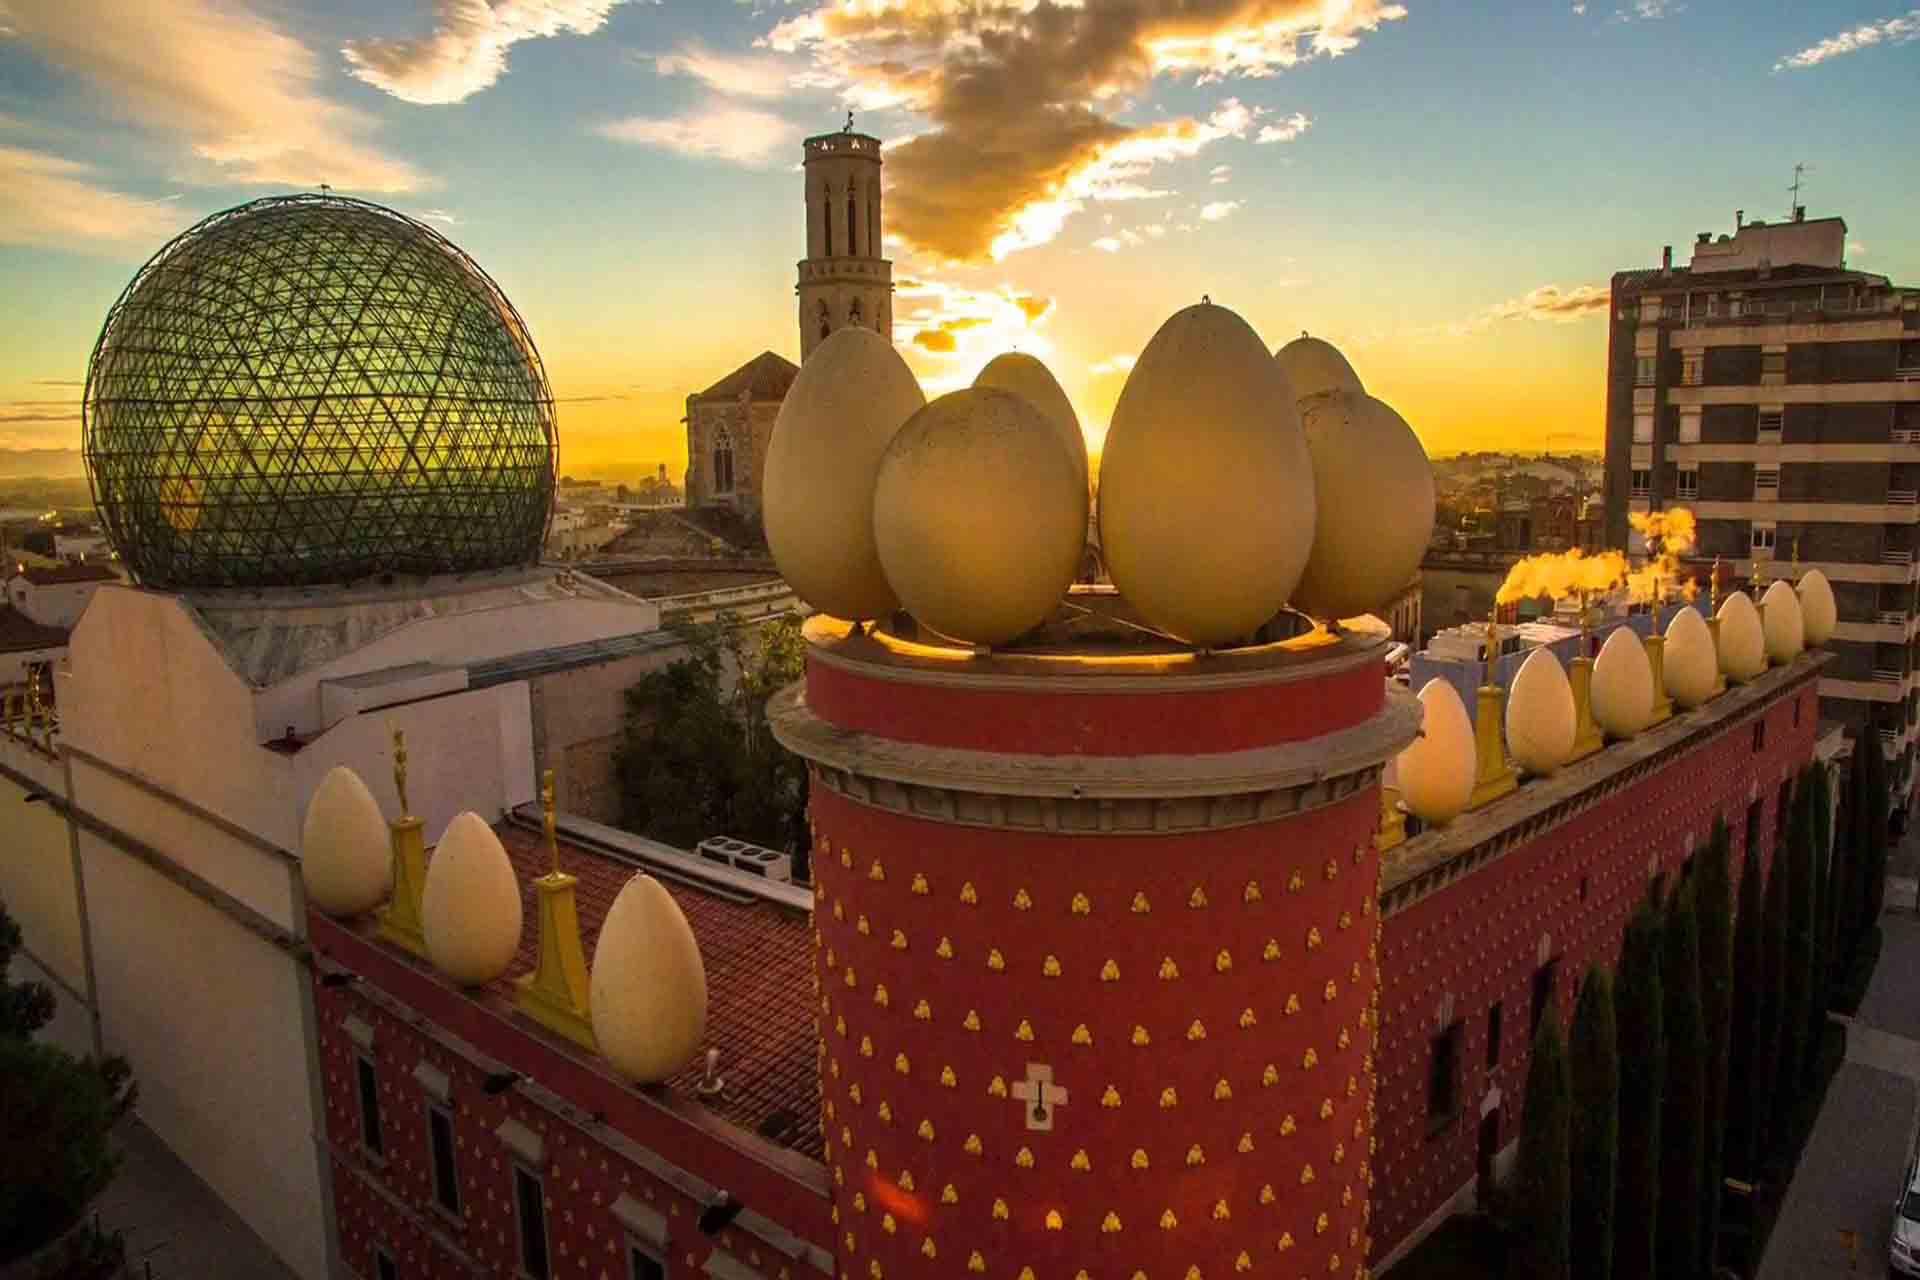 Visitas al Teatro Museo Dalí en Figueres